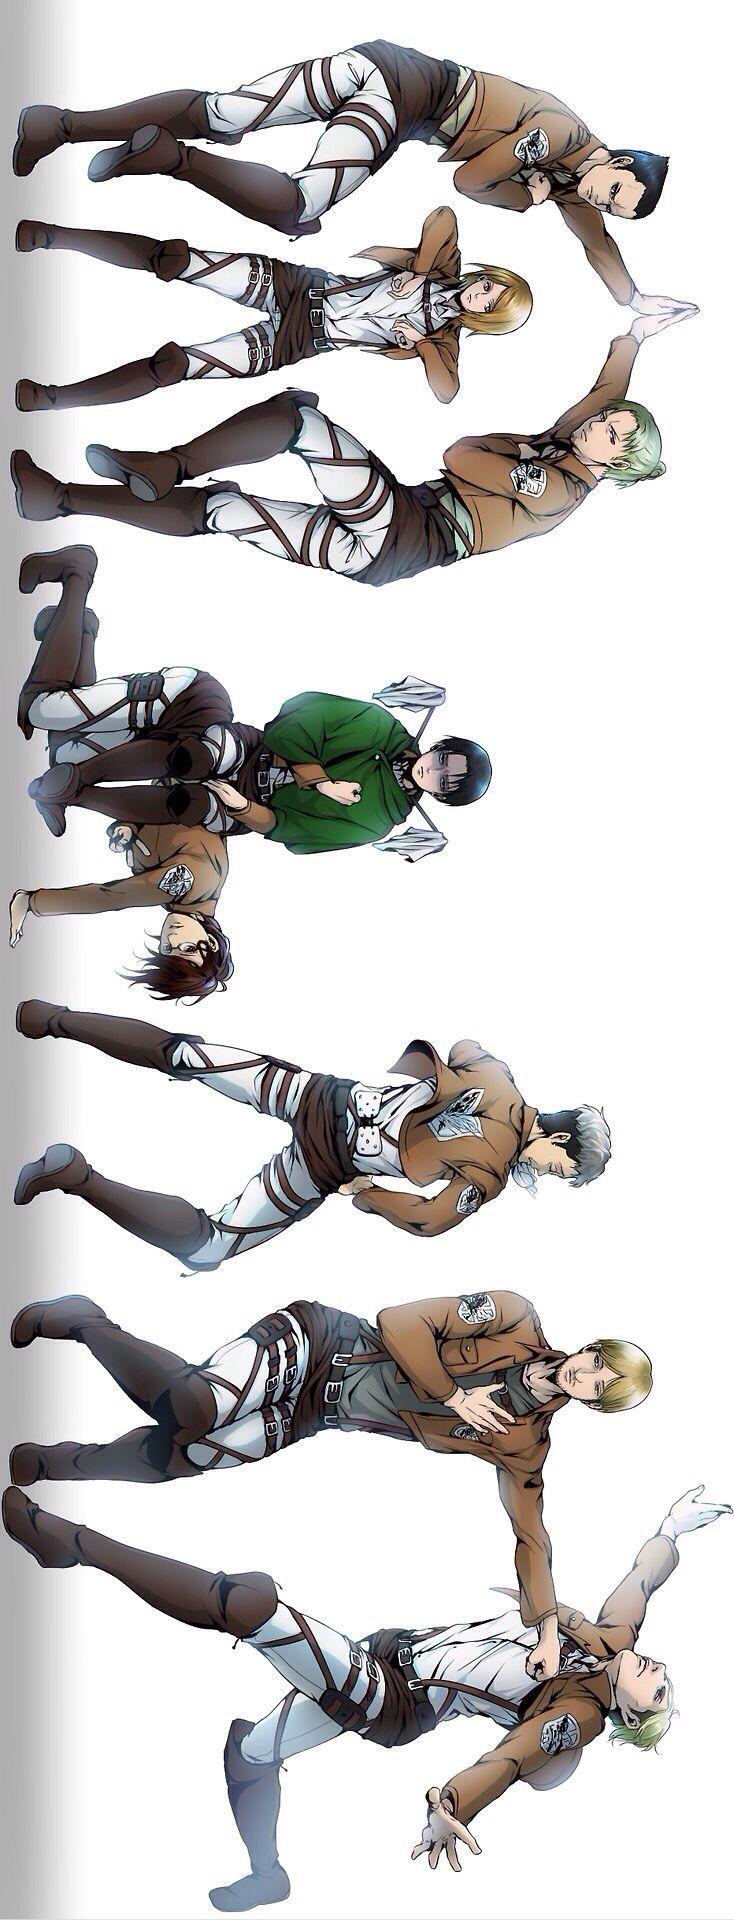 Shingeki no Kyojin (Attack on Titan):